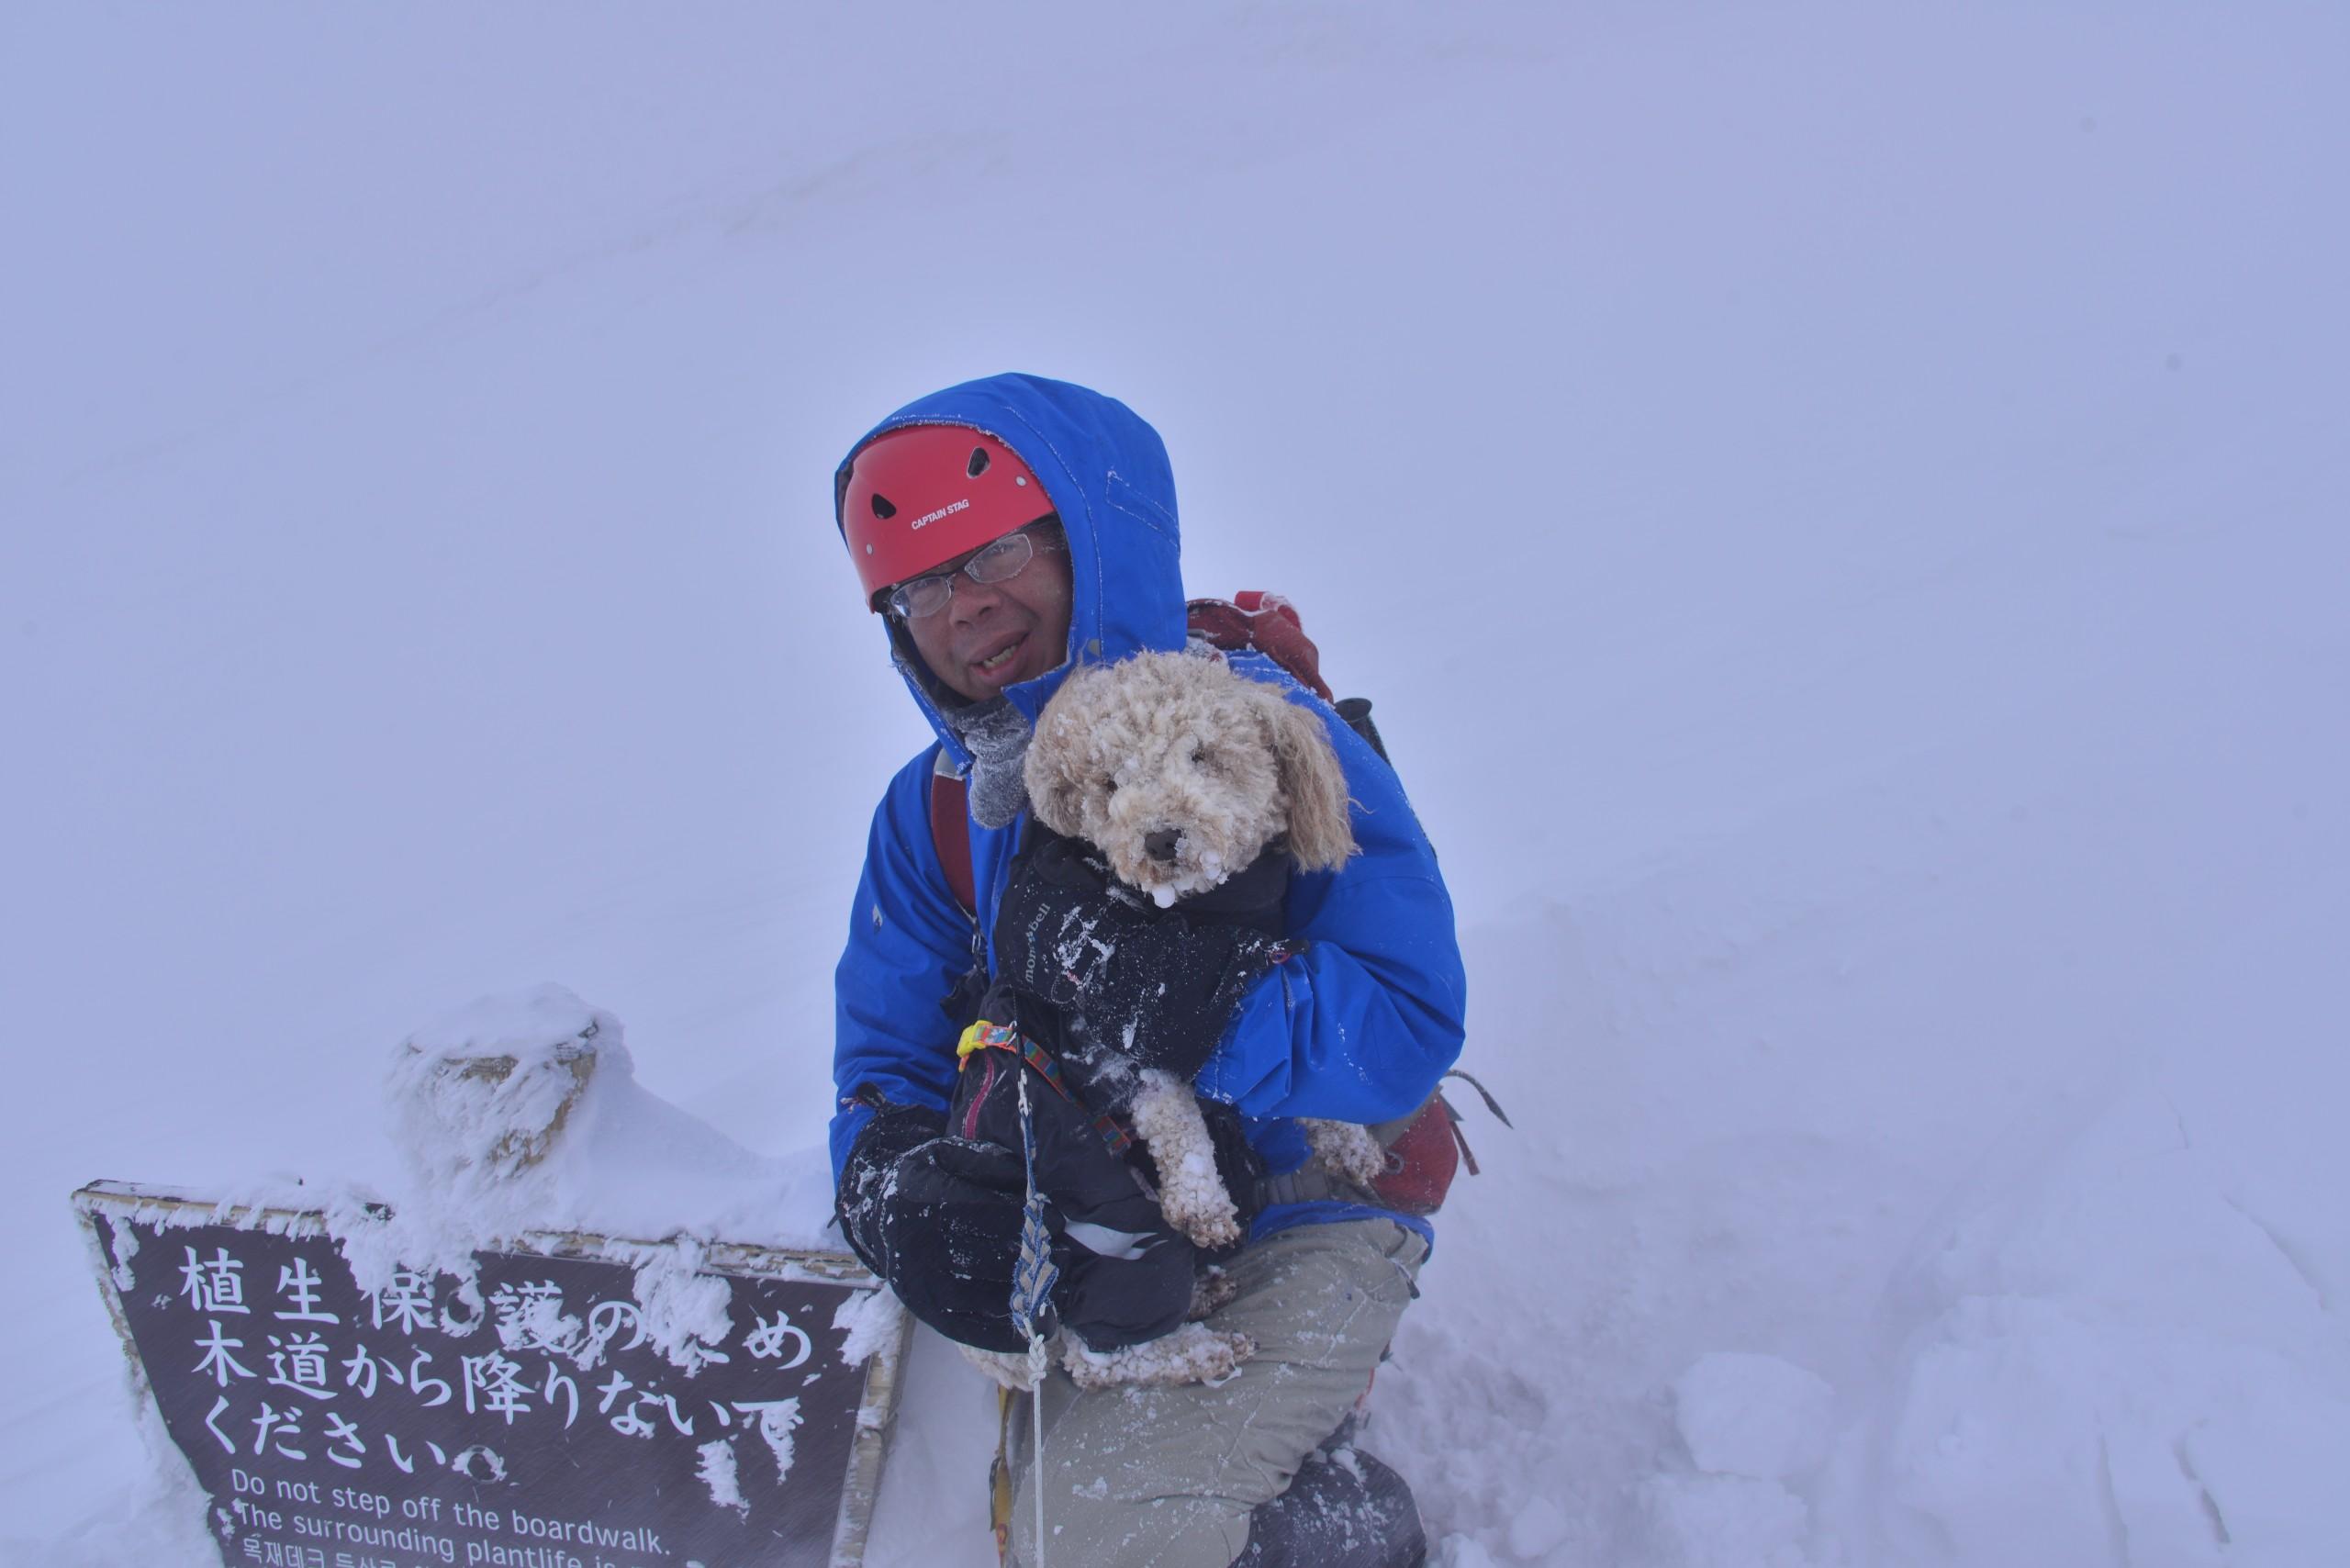 冬山に愛玩犬を連れて崖下50m滑落させる登山ブログが動物虐待だと話題に